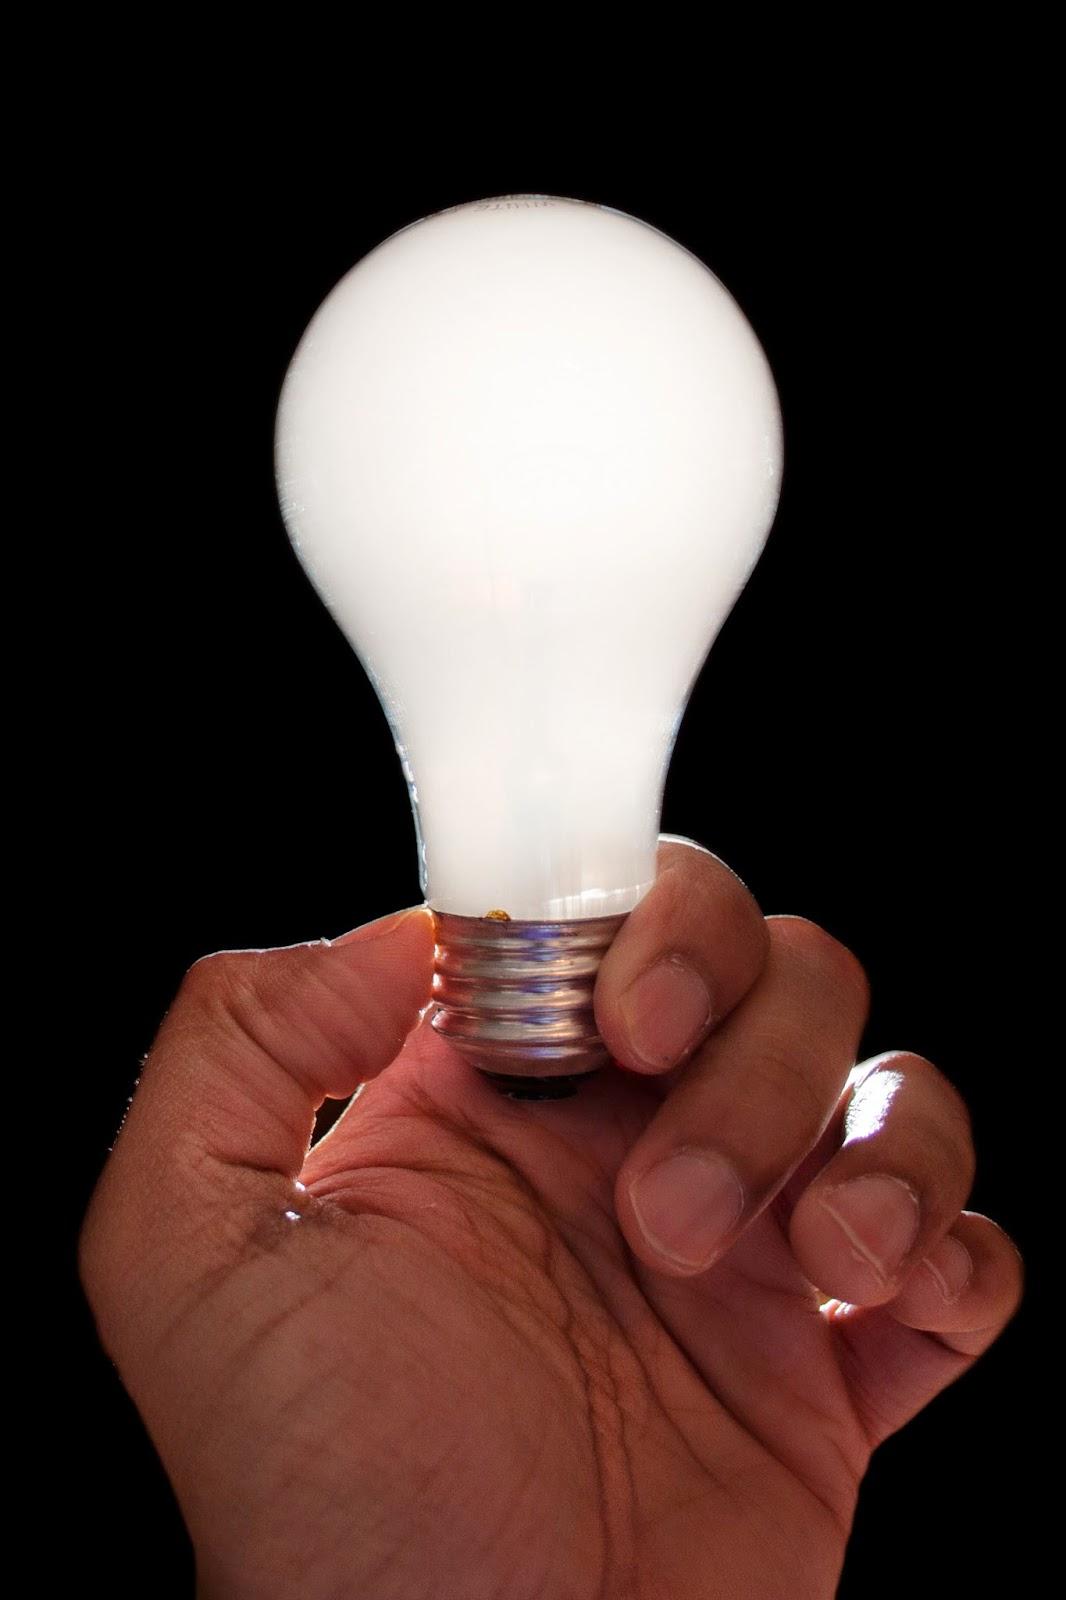 Лампочка картинка прикольная, сделать простую